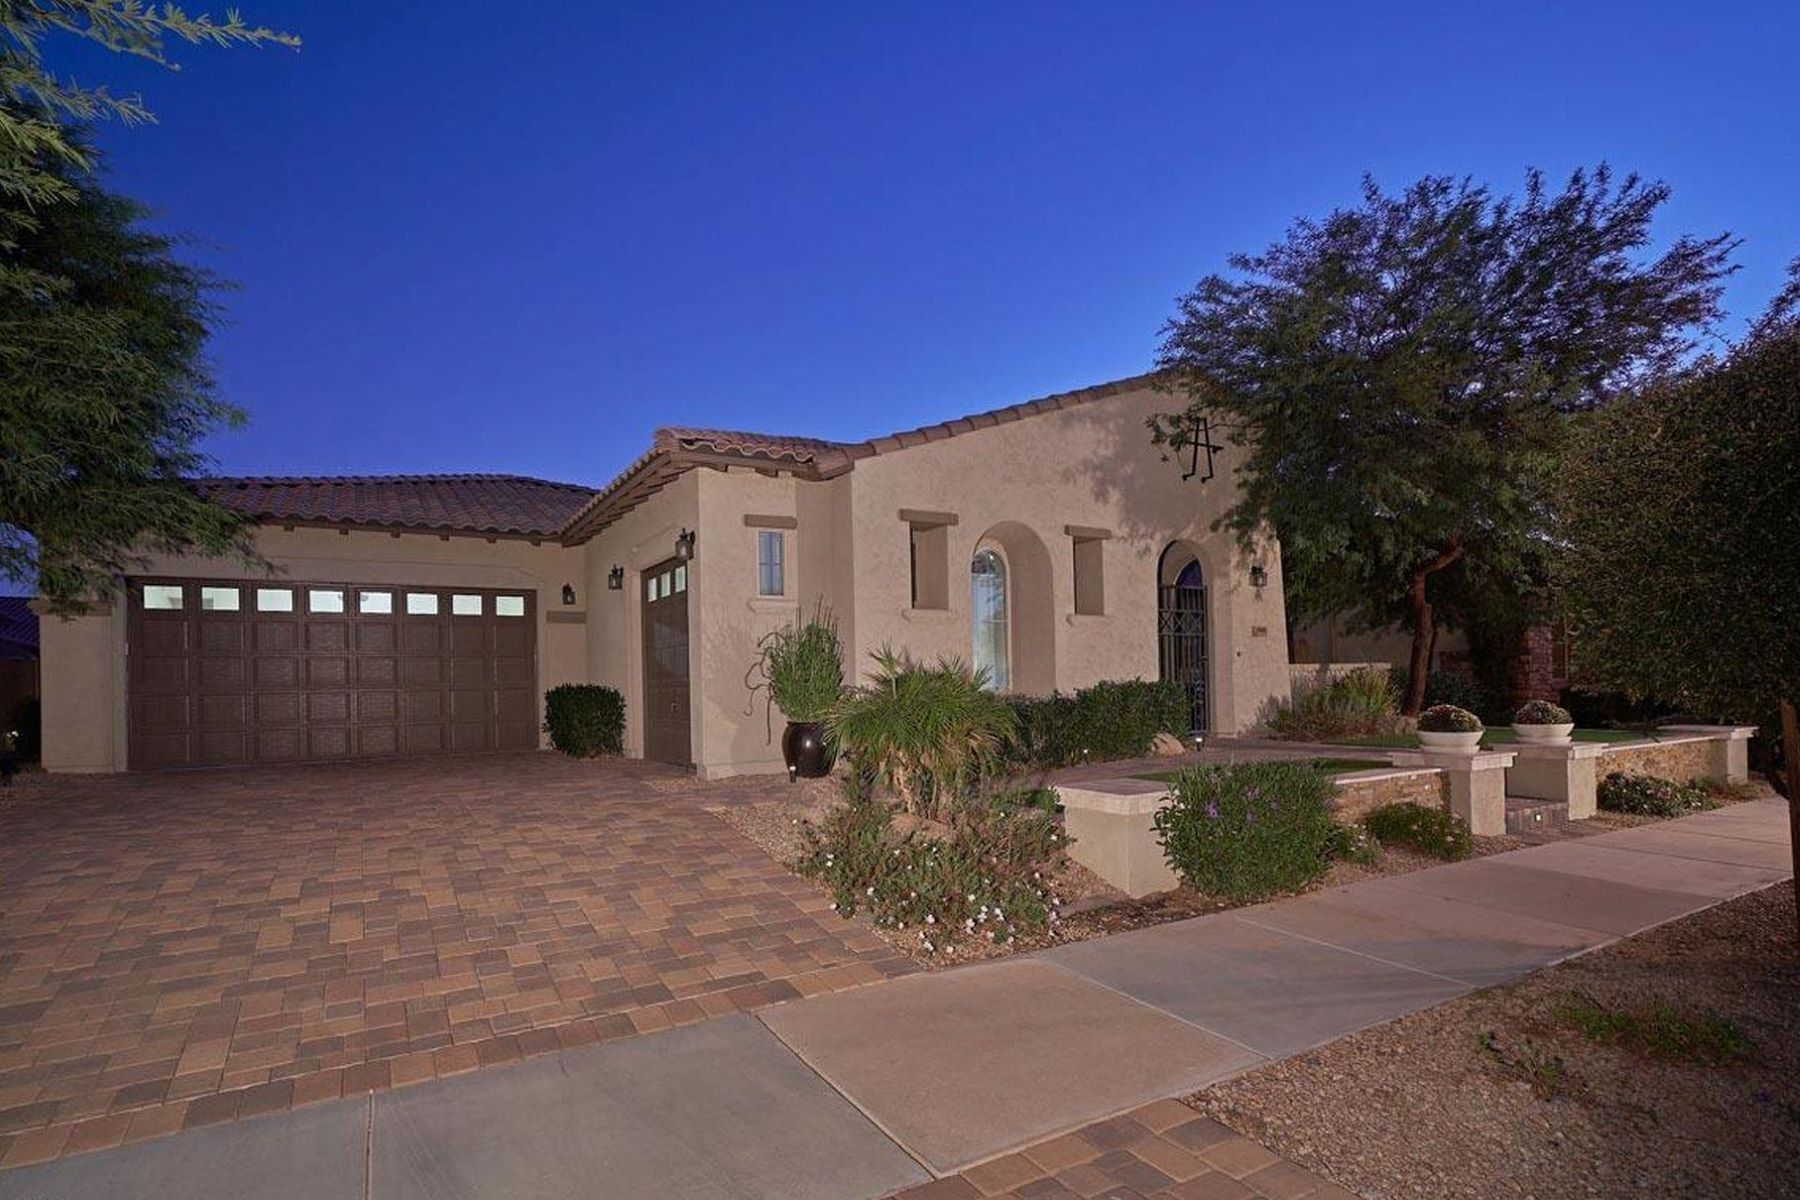 Single Family Homes for Sale at Cielo Noche 19881 E APRICOT LN Queen Creek, Arizona 85142 United States